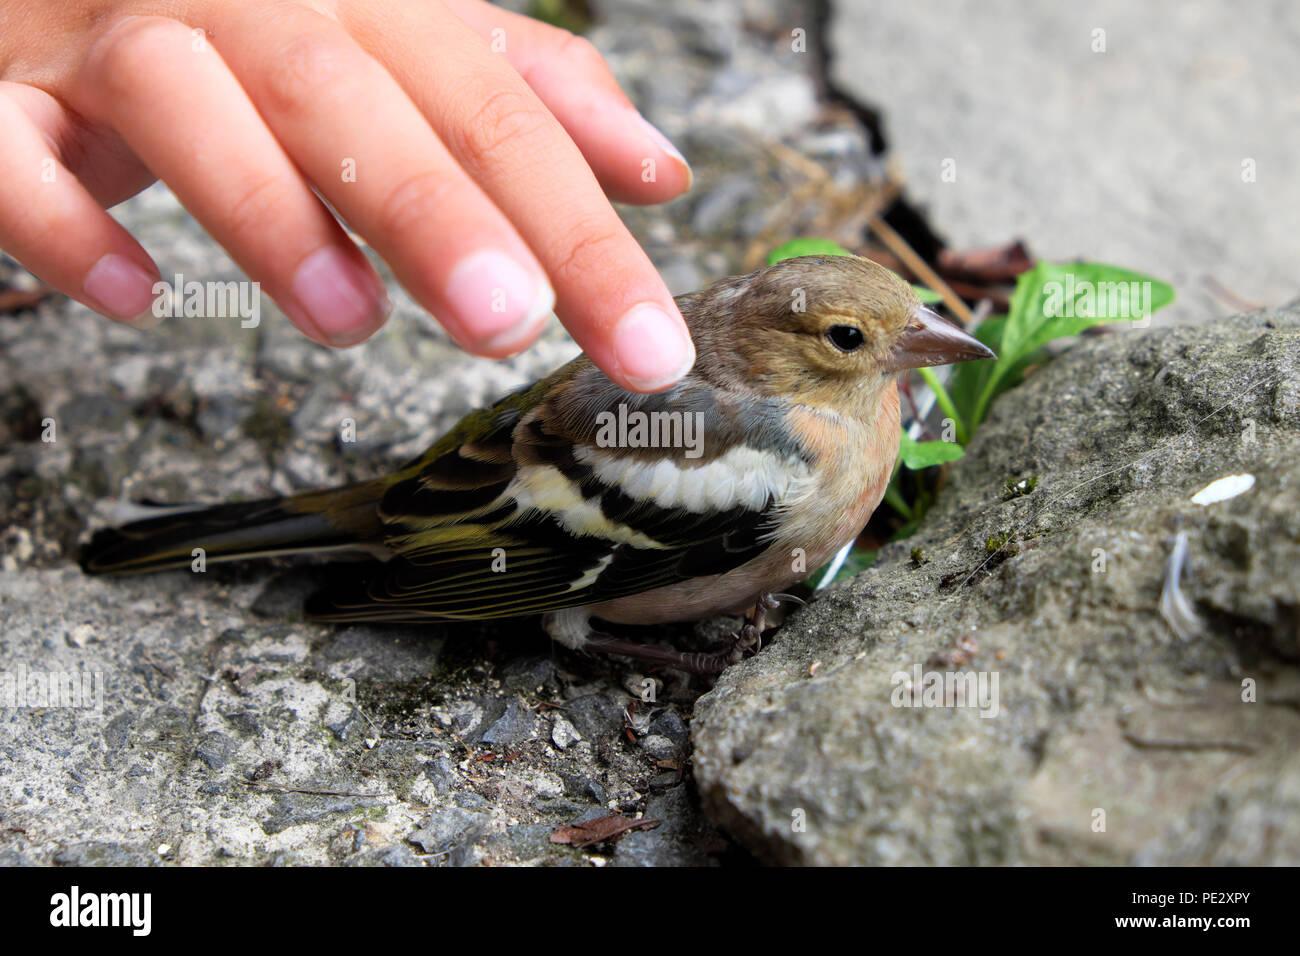 Enfant montrant la compassion de caresser un pinson oiseau posé assommé sur le sol après s'écraser dans une fenêtre Carmarthenshire Wales UK KATHY DEWITT Photo Stock